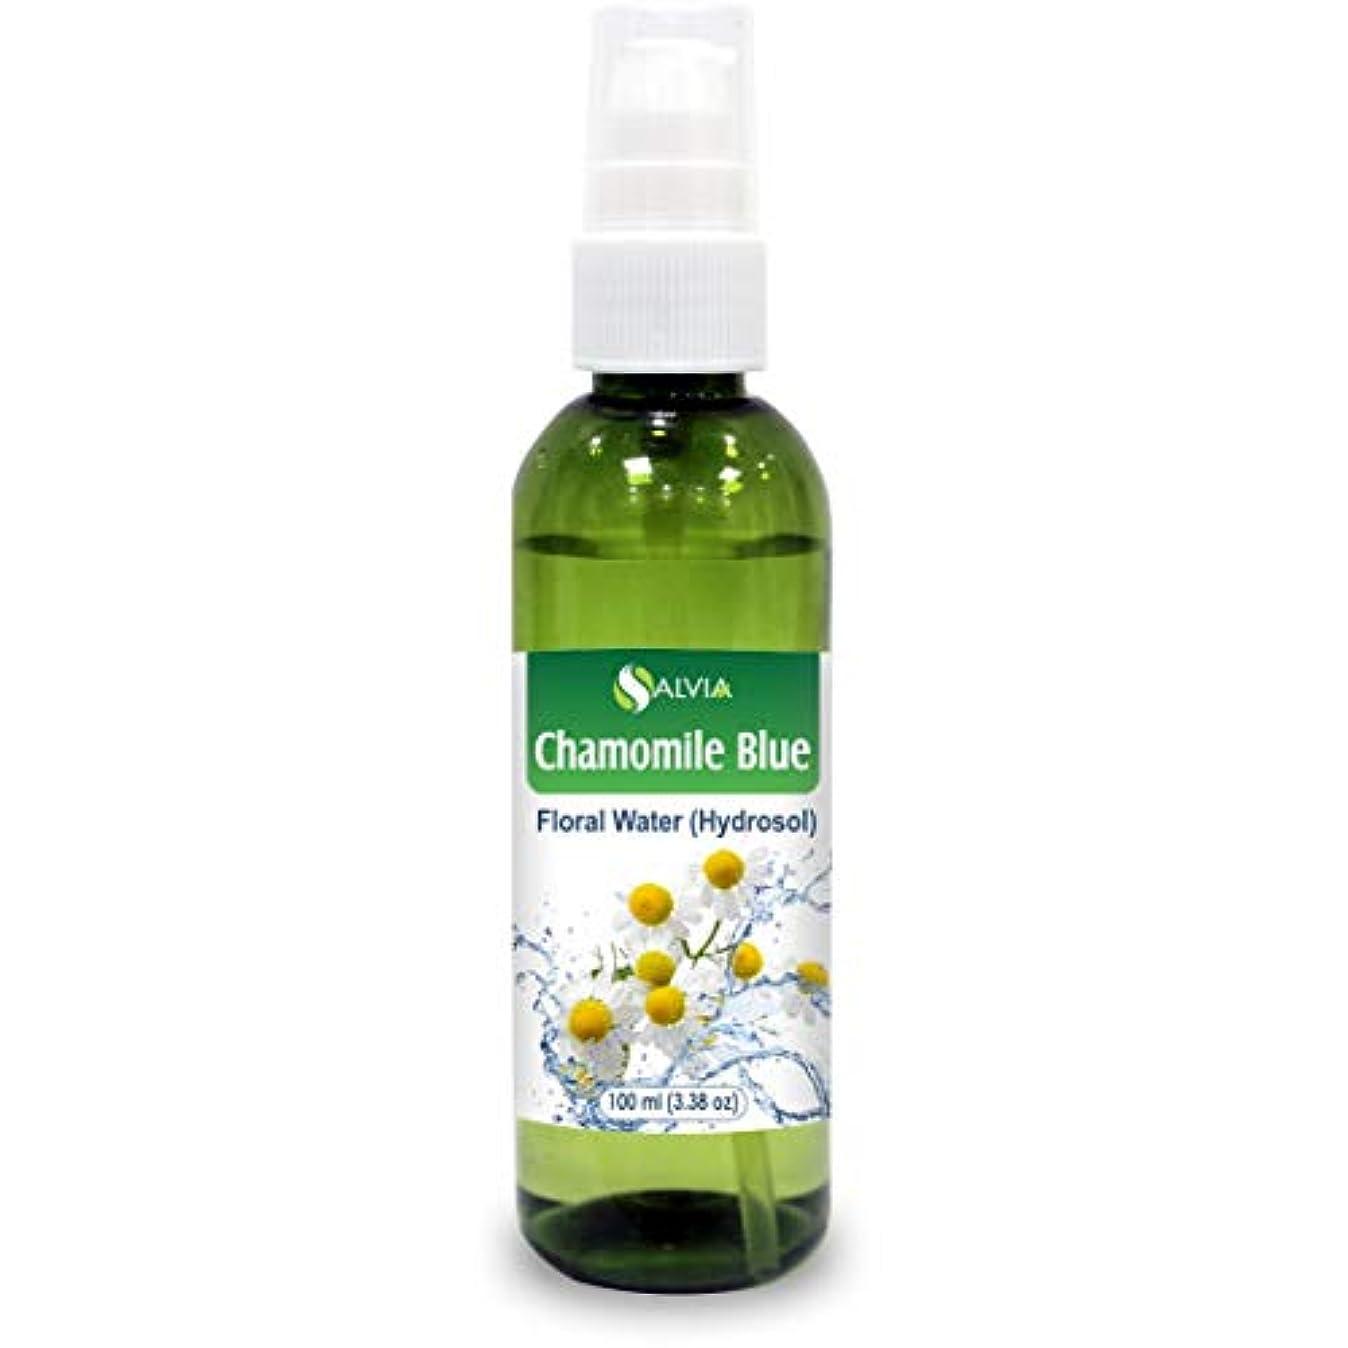 インタラクションオーガニック振動させるChamomile Oil, Blue Floral Water 100ml (Hydrosol) 100% Pure And Natural